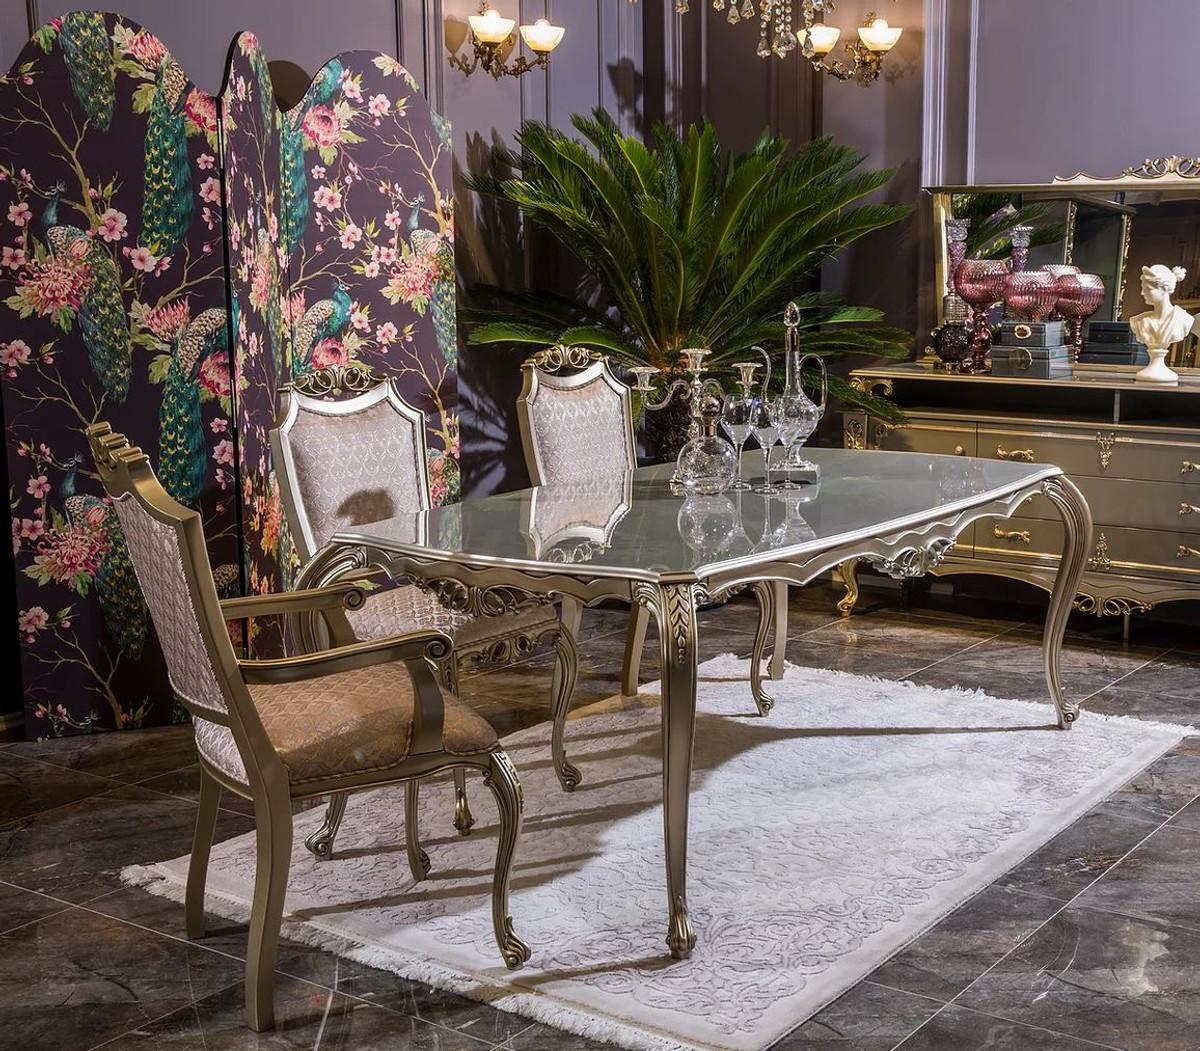 casa padrino ensemble de salle a manger baroque de luxe rose argent 1 table a manger et 6 chaises de salle a manger meubles de salle a manger de